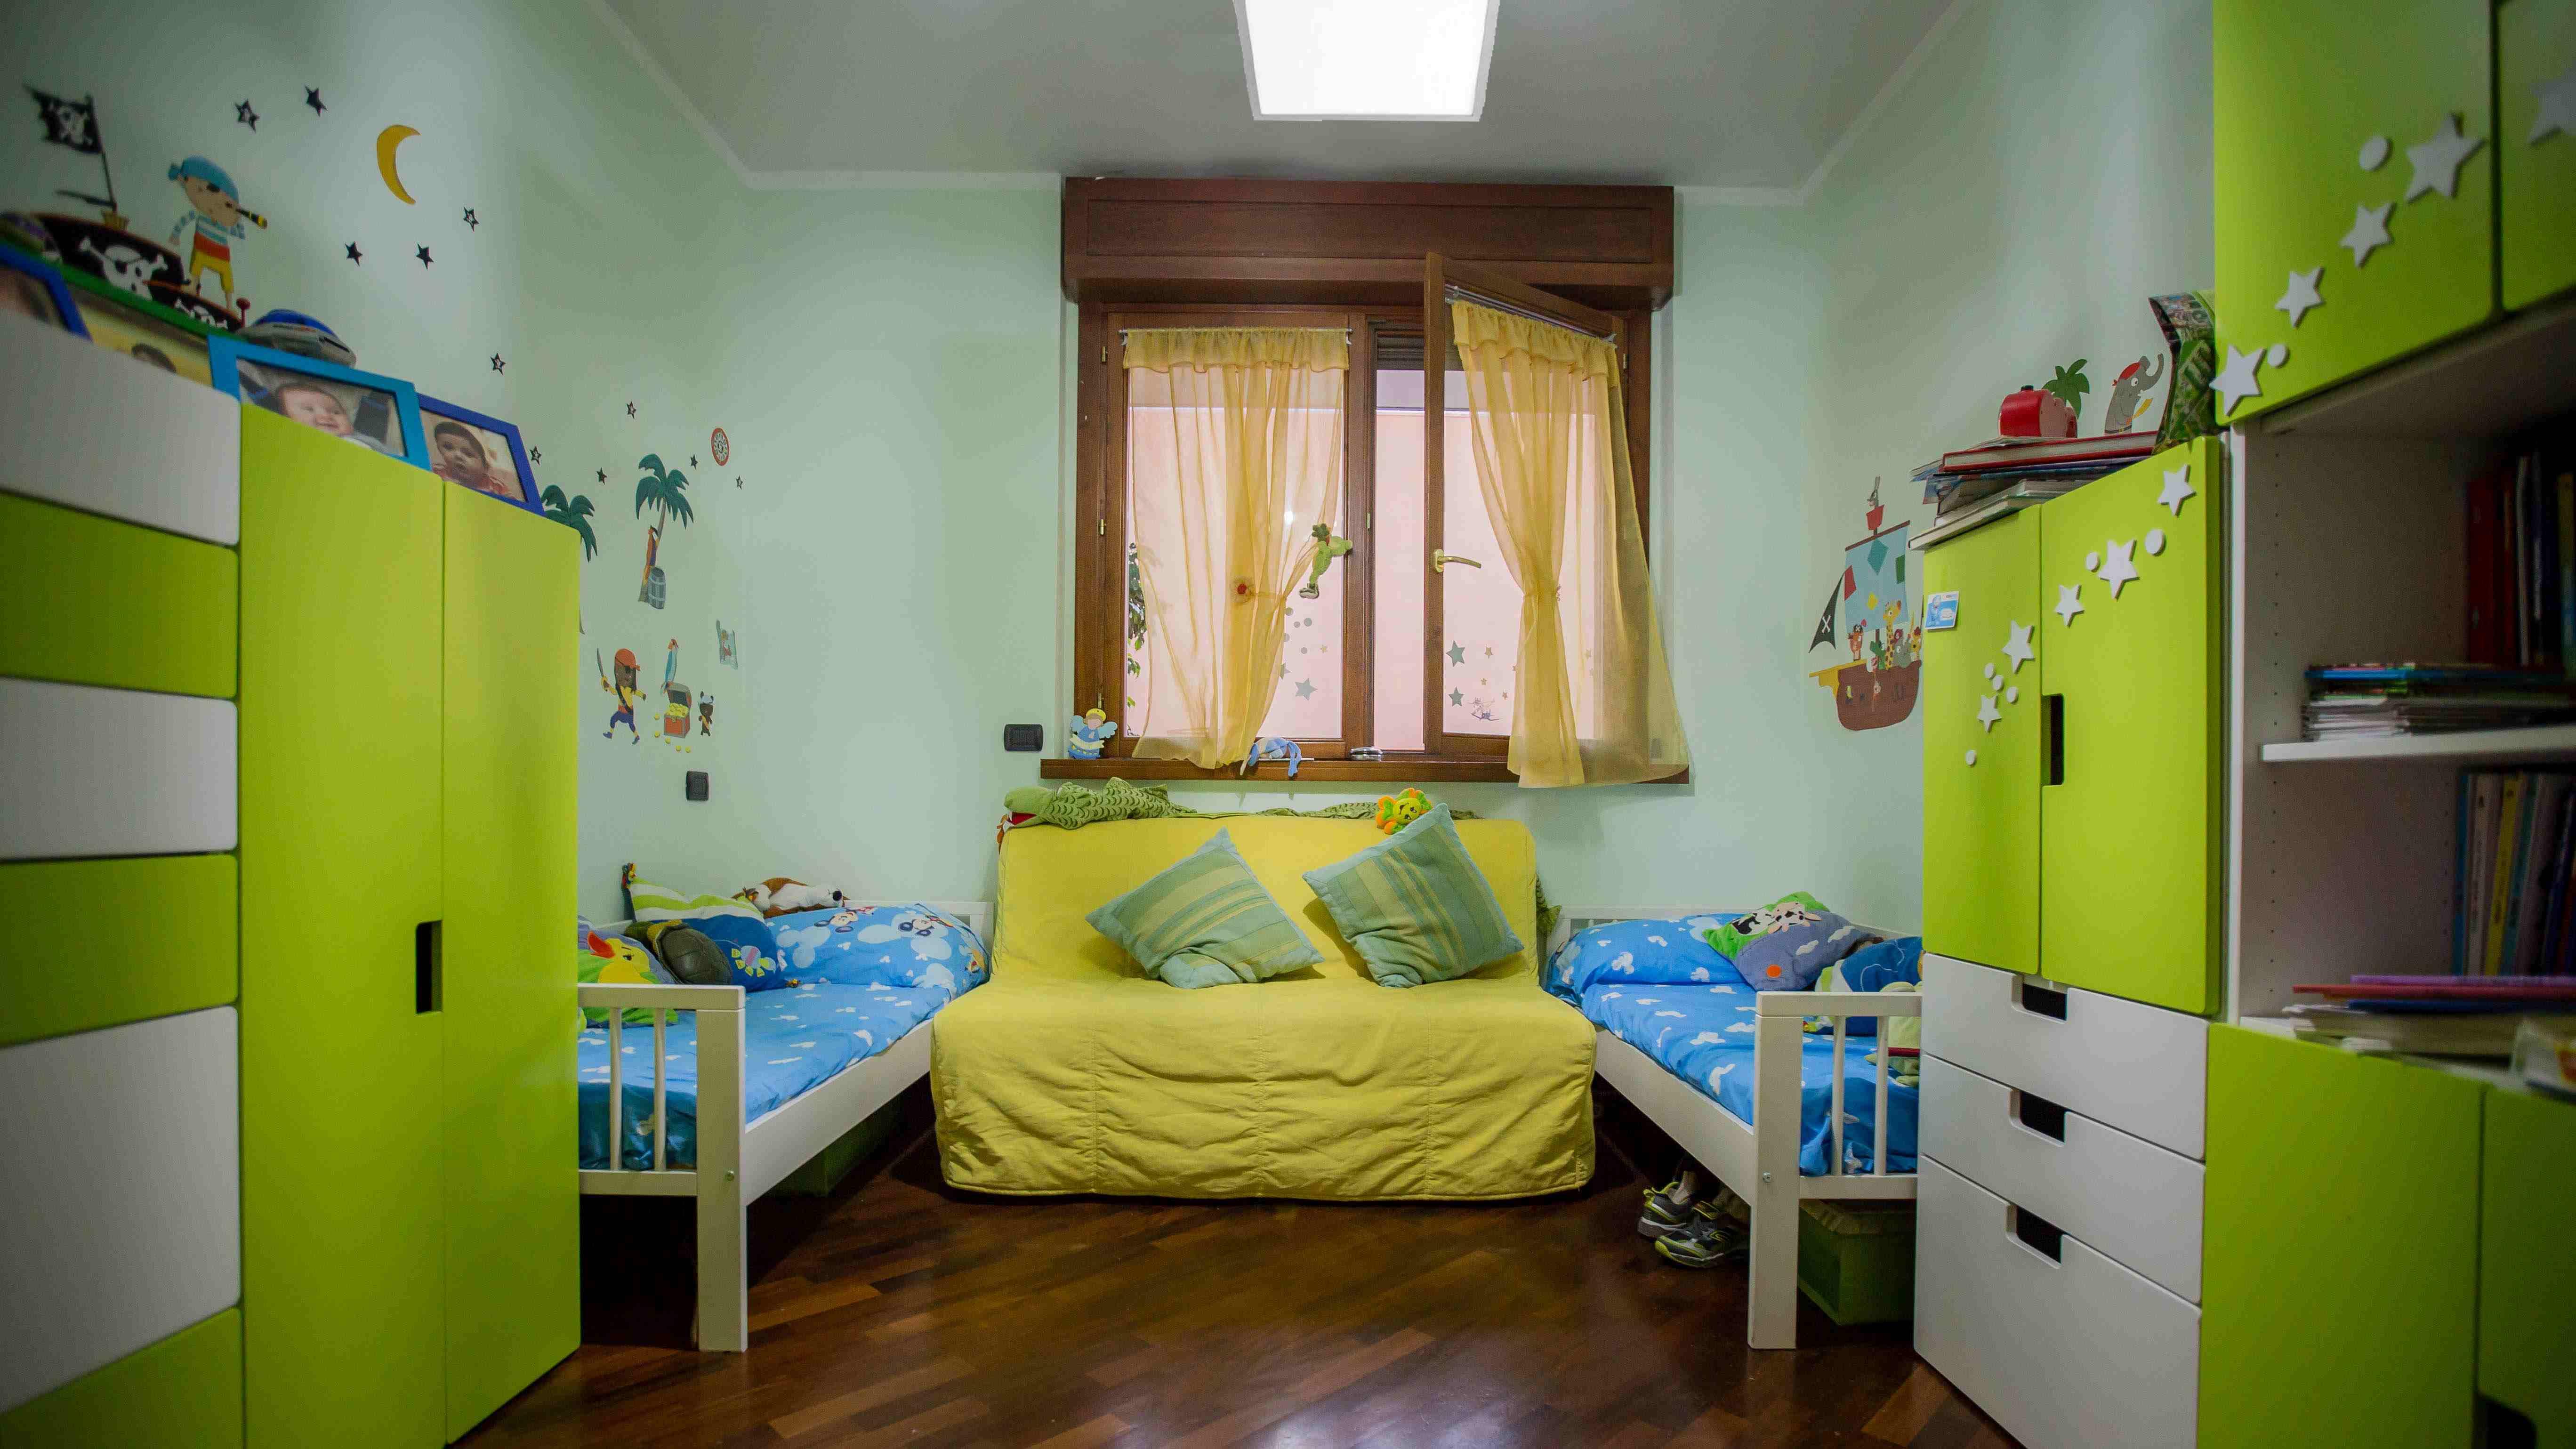 Latest osservare idee di x della cameretta come scegliere - Muri camerette bambini ...